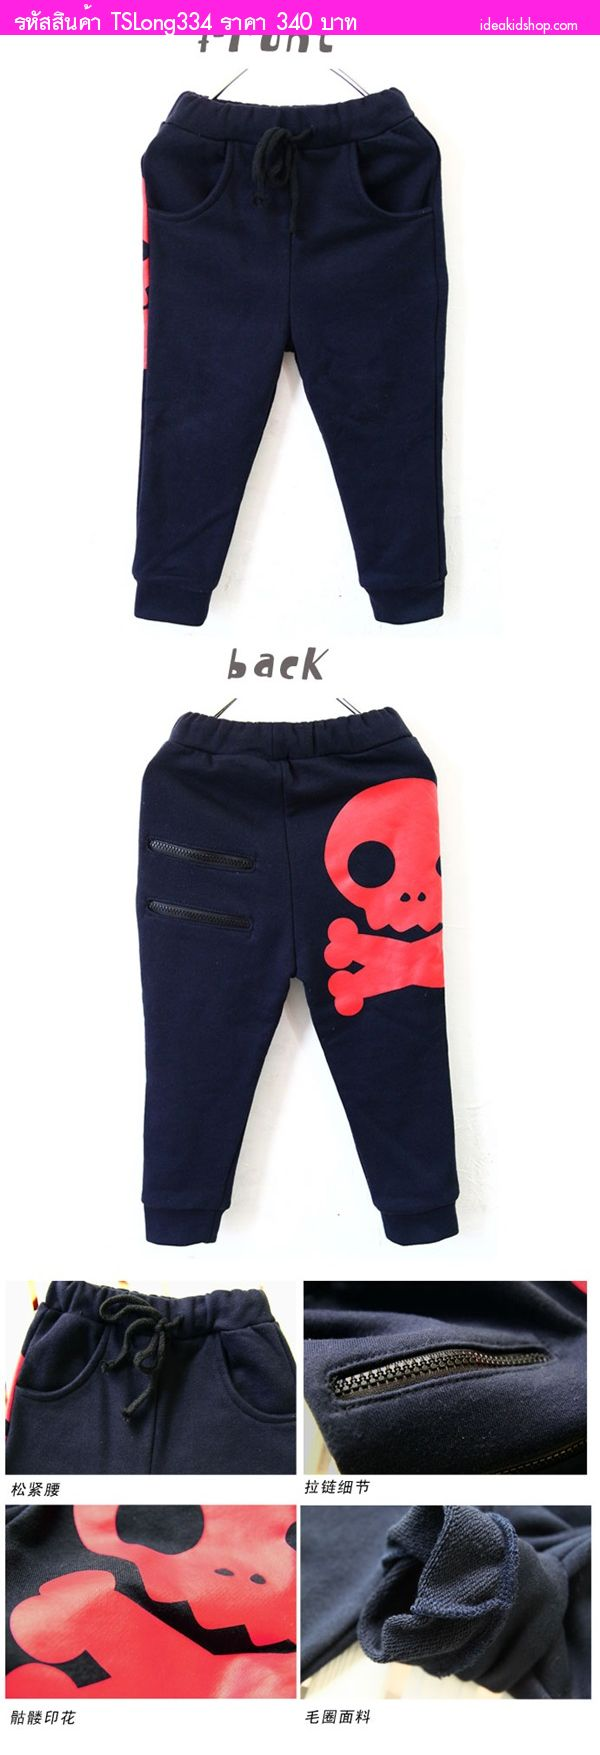 กางเกงขายาว กันหนาว สุดเท่ The Skull สีดำ